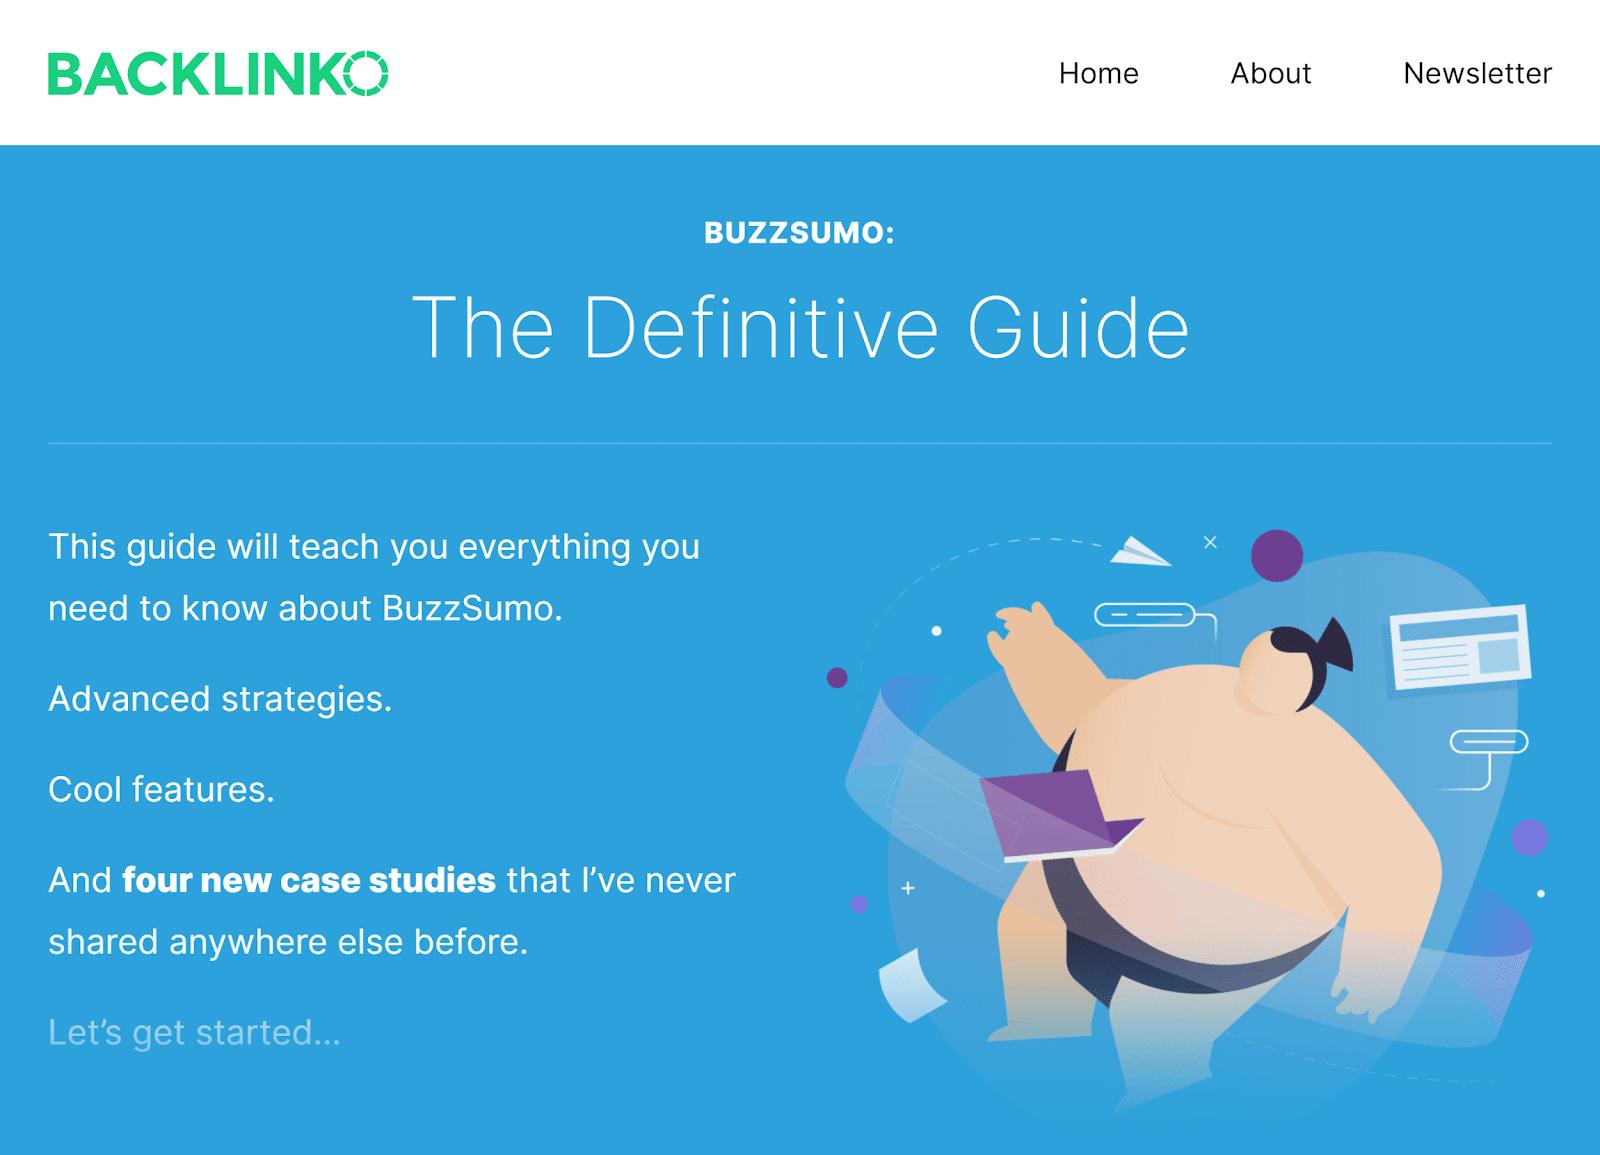 Backlinko - Hướng dẫn BuzzSumo - Mẹo tiếp thị nội dung